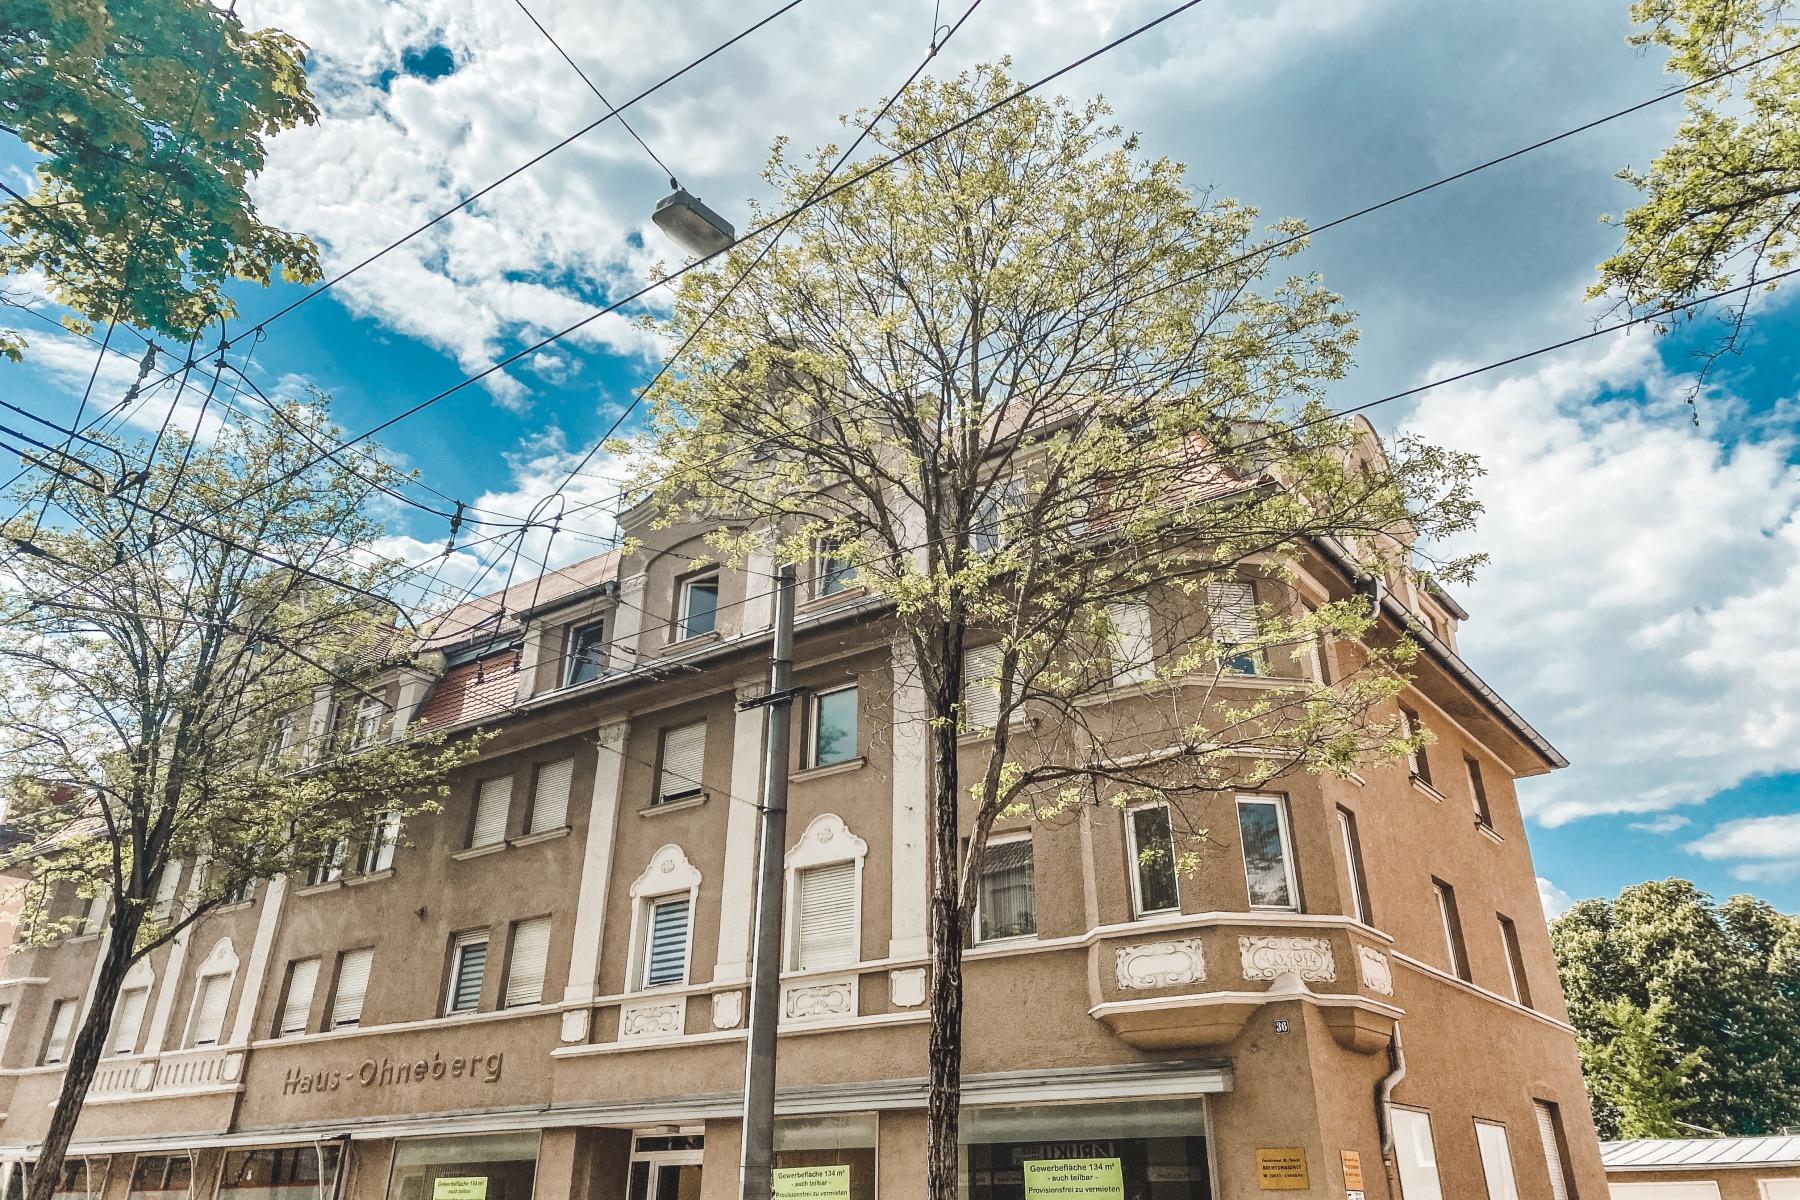 Das Haus Ohneberg in der Augsburger Straße 36 geht auf den Namen des Bauherrn zurück Herrn Ohneberg.